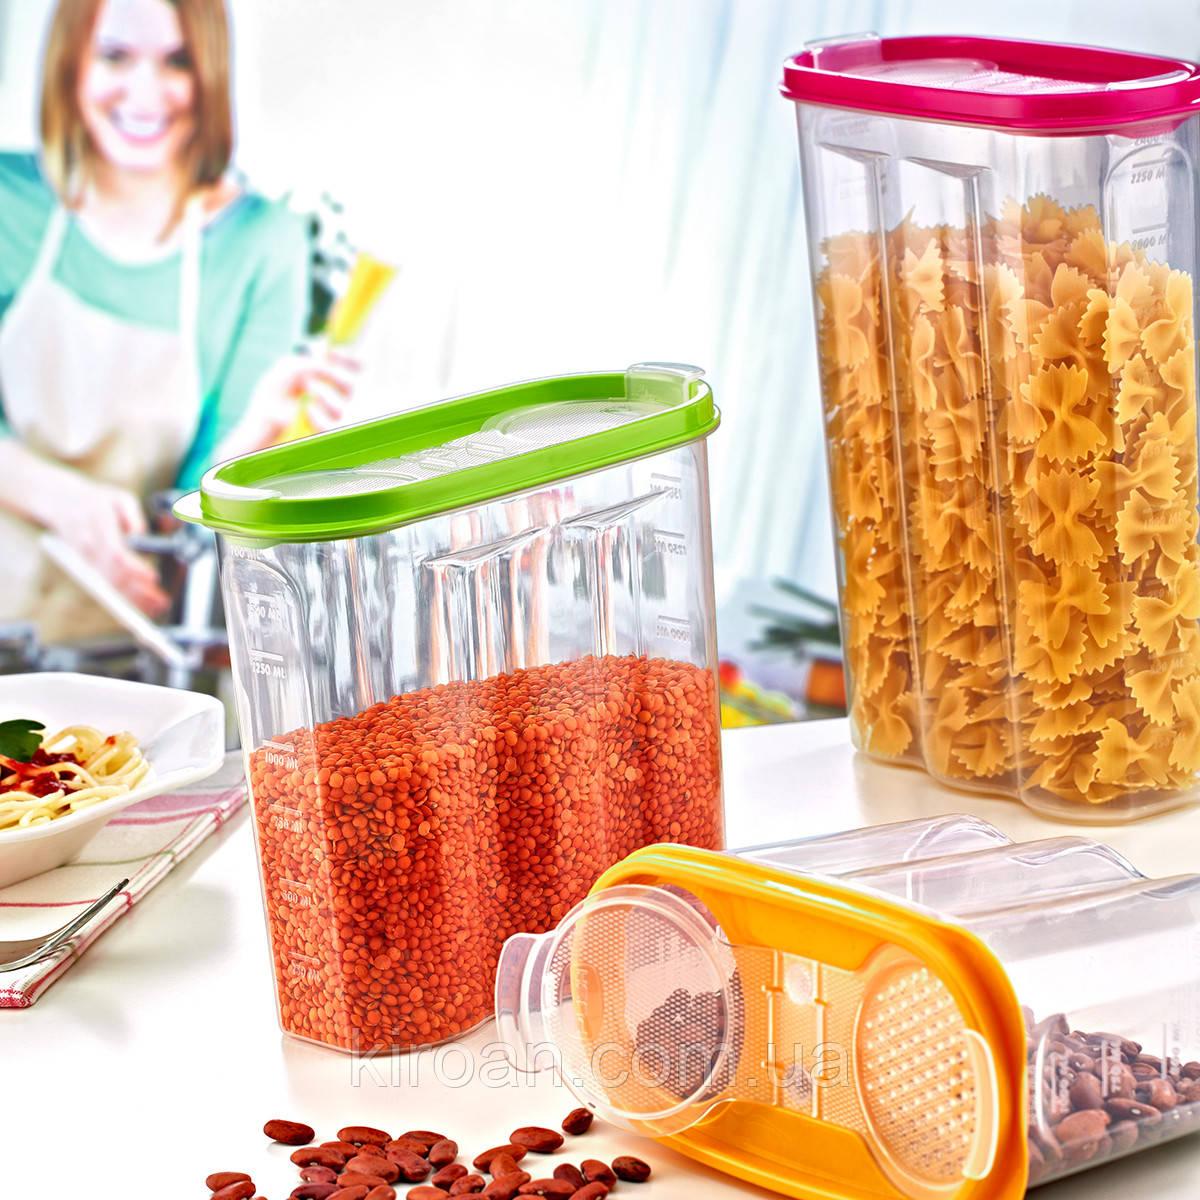 Емкость для хранения сыпучих продуктов 2,4 л Irak Plastik (Турция)  17 x 24,5 x 7 см